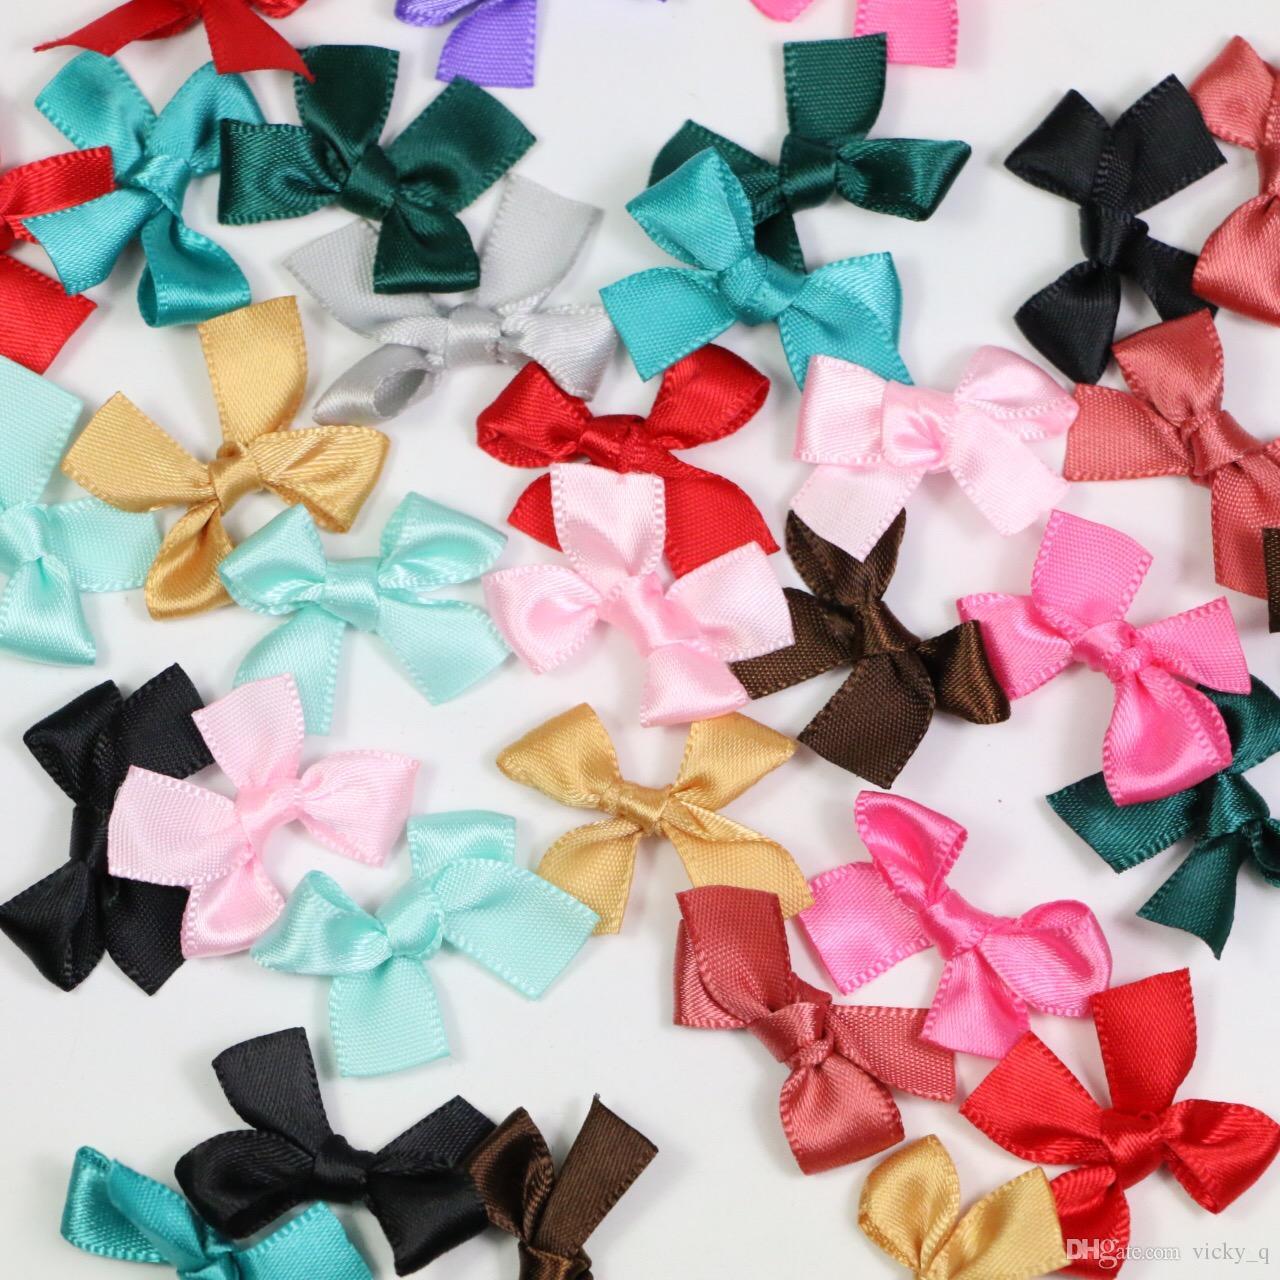 30 * 25mm colorato raso di seta mini nastro di raso piccoli archi capelli applique mestiere decorazione artificiale per baby shower festa di nozze 1000 pz